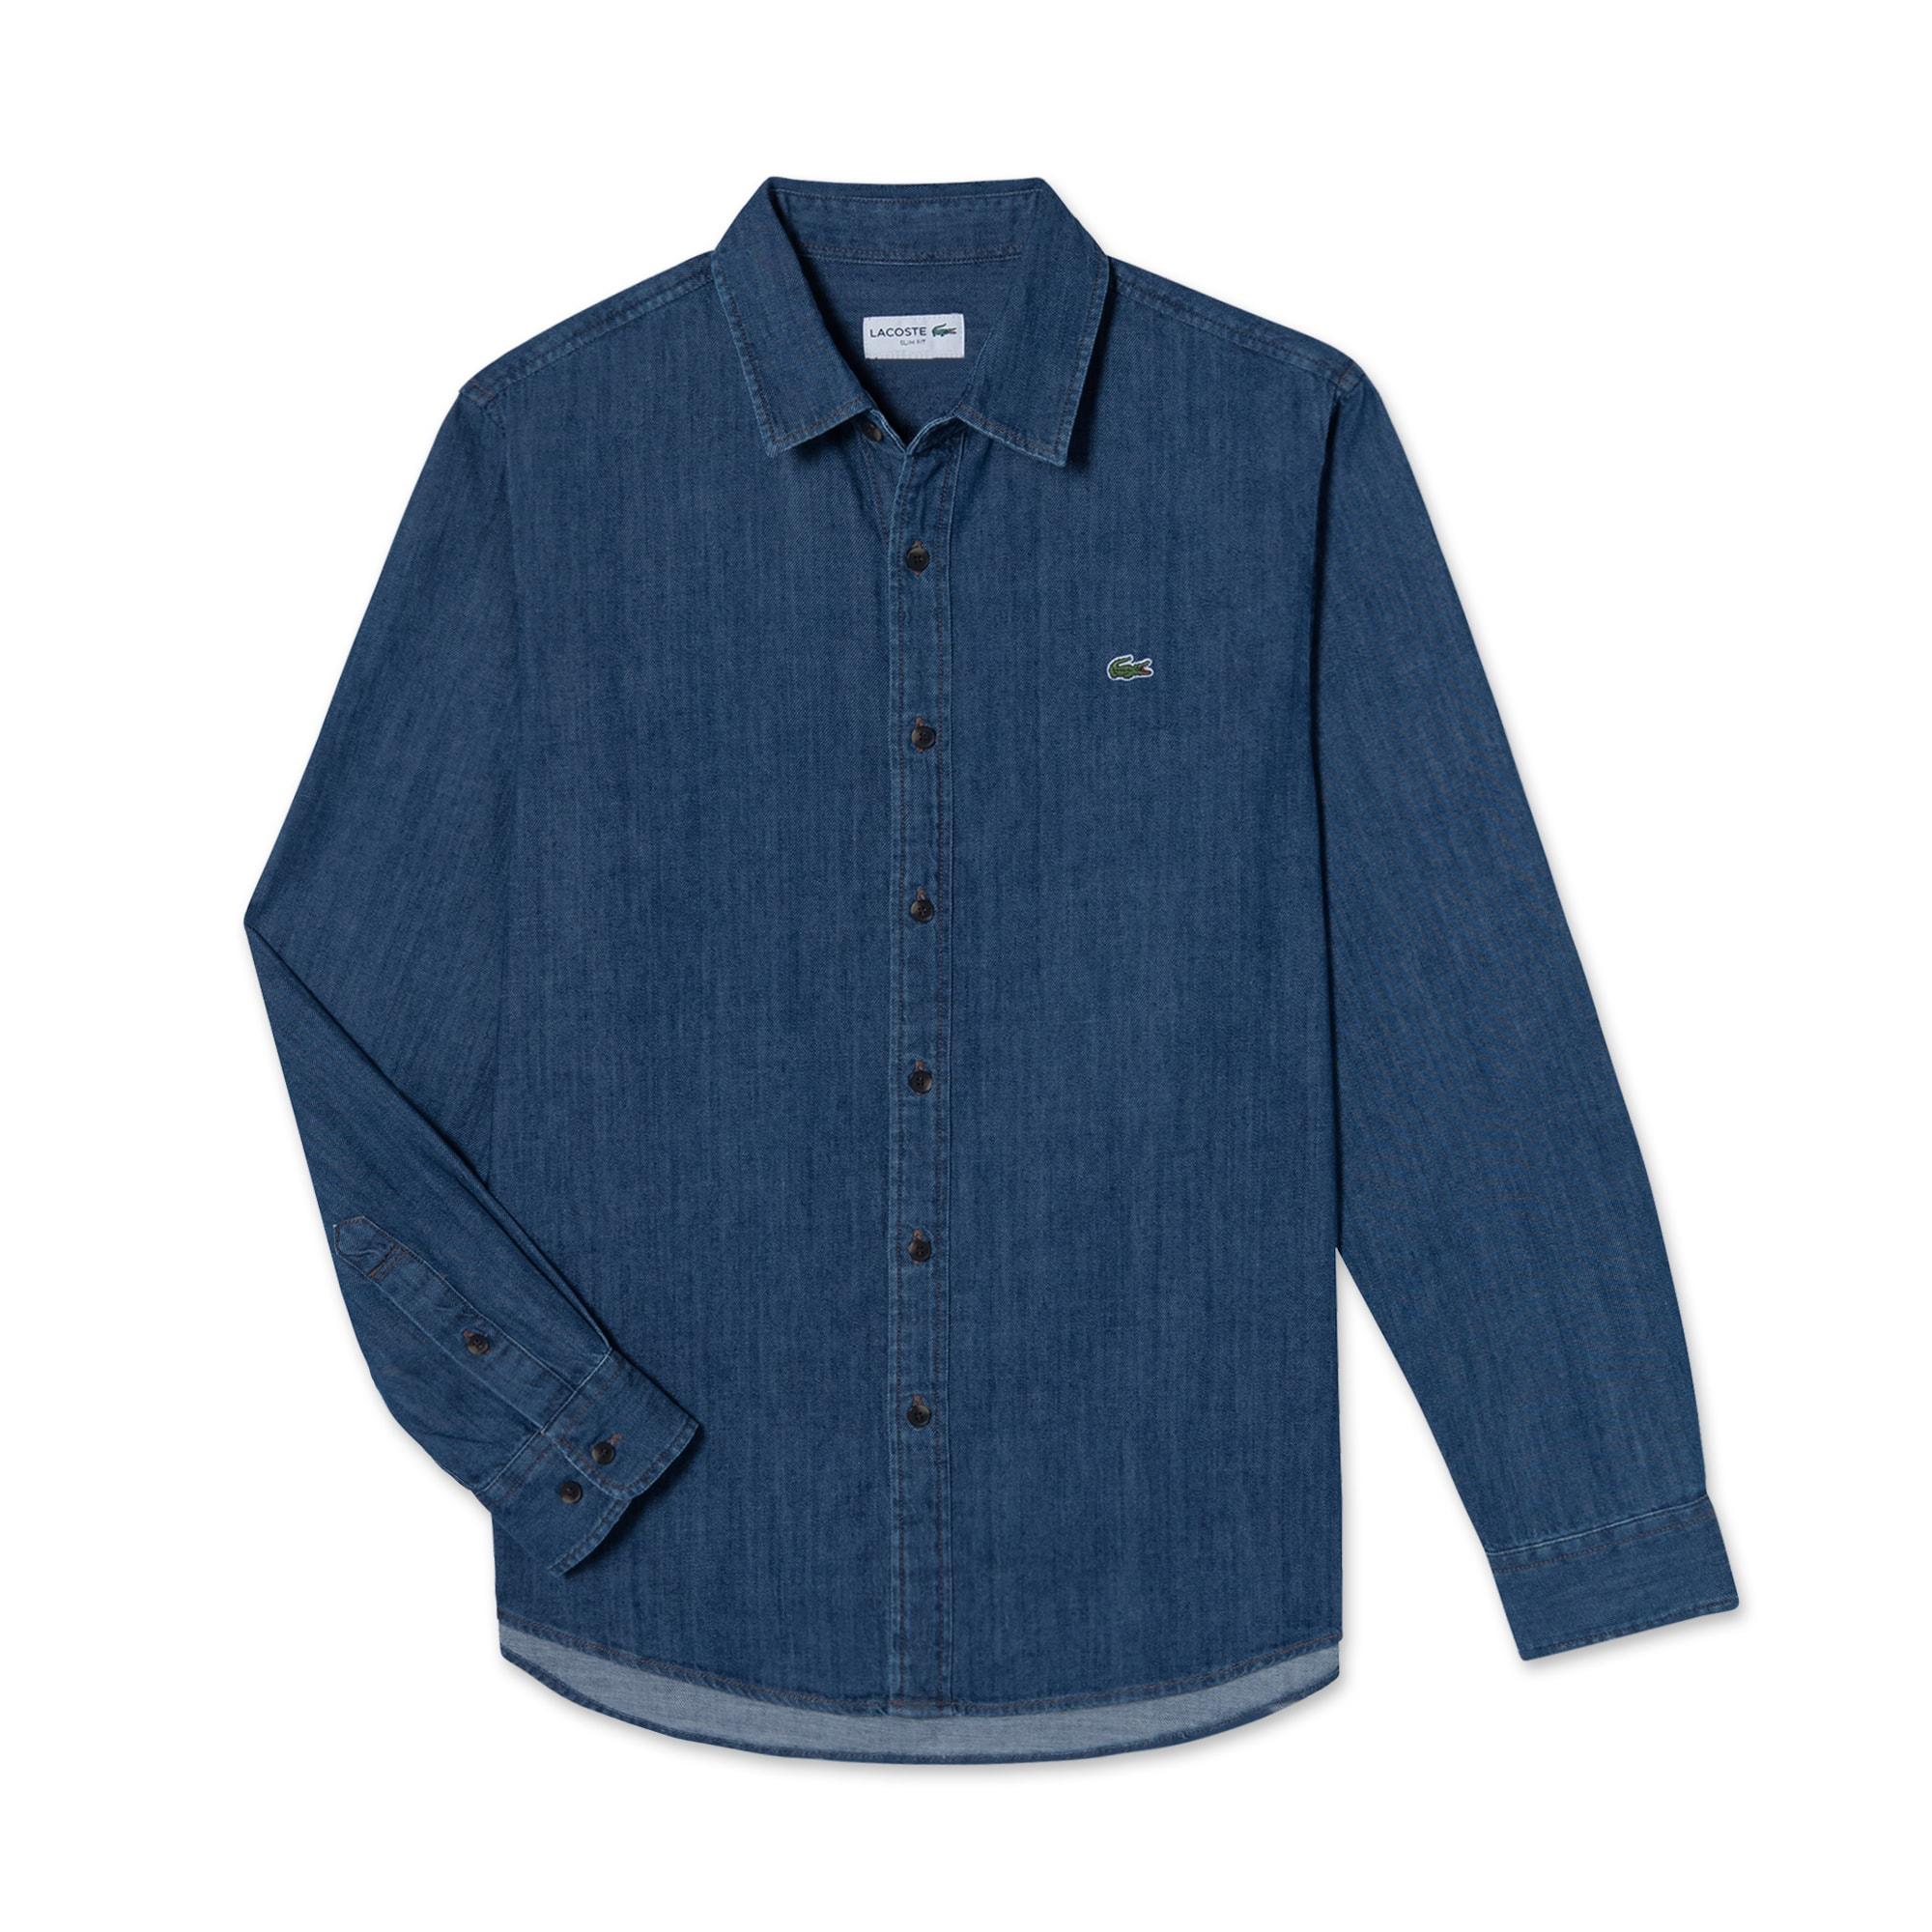 (남성) 라코스테 데님 베이직 슬림 셔츠